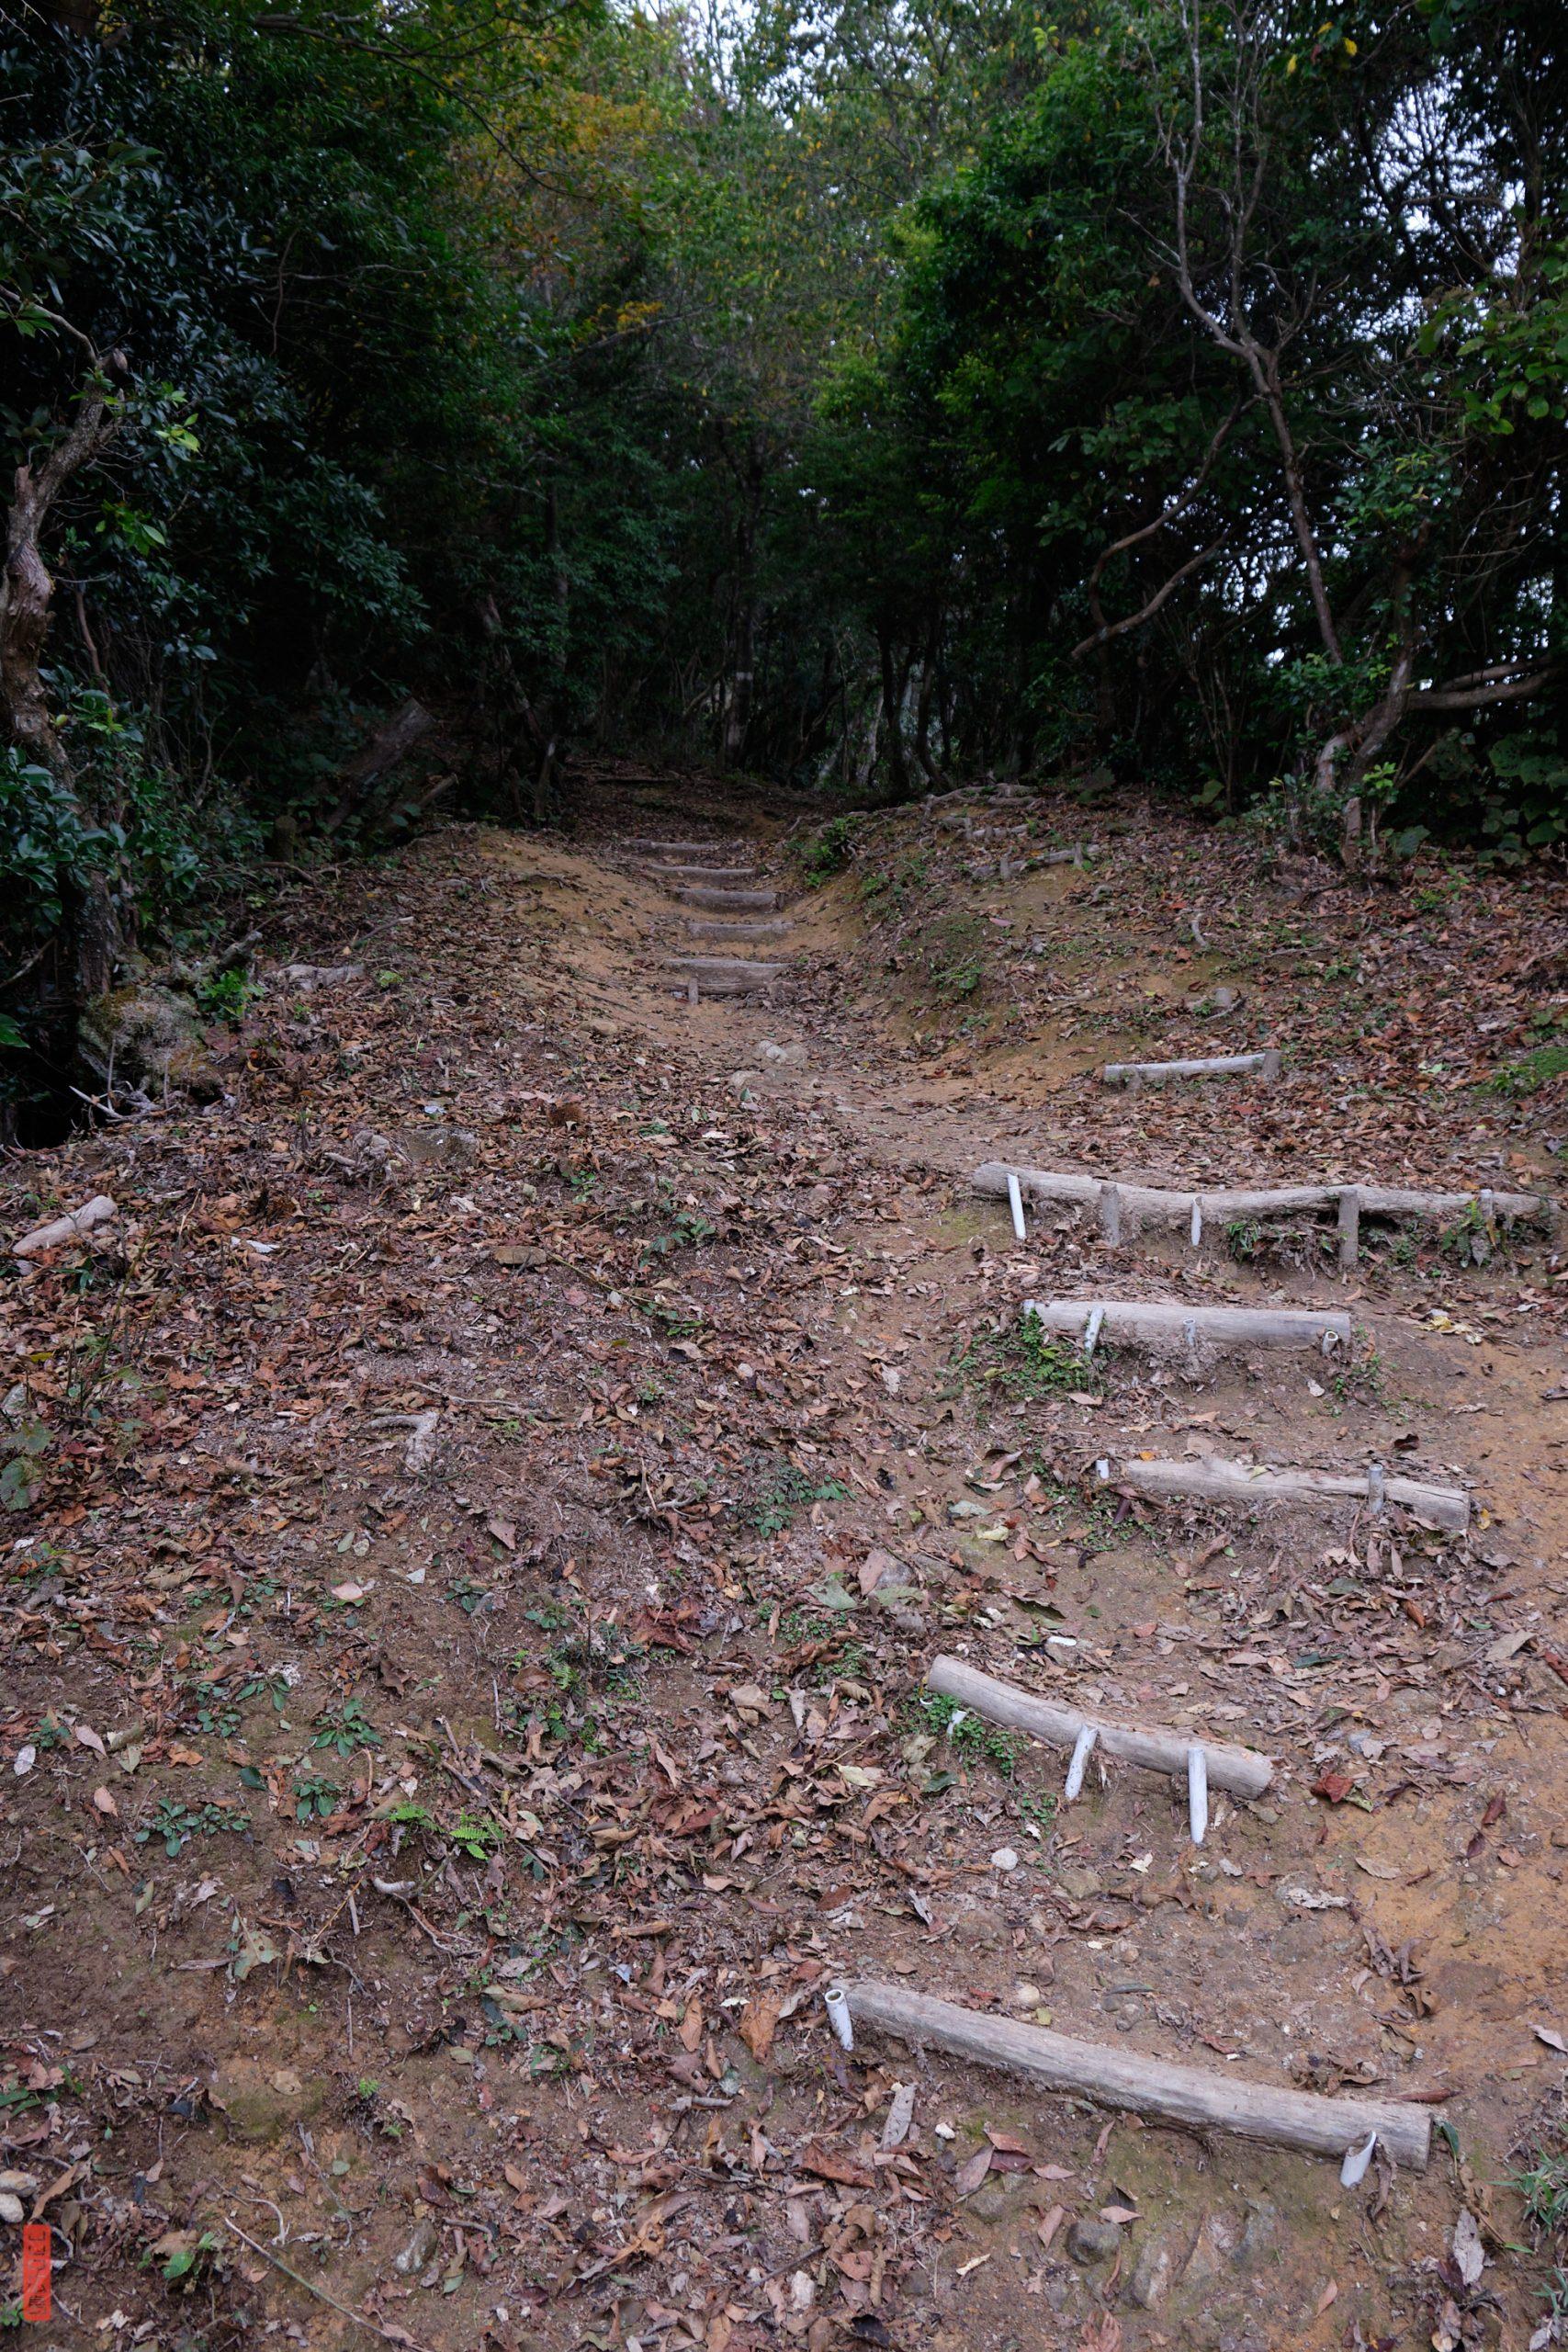 Sentier de randonnée, Shirakiyama